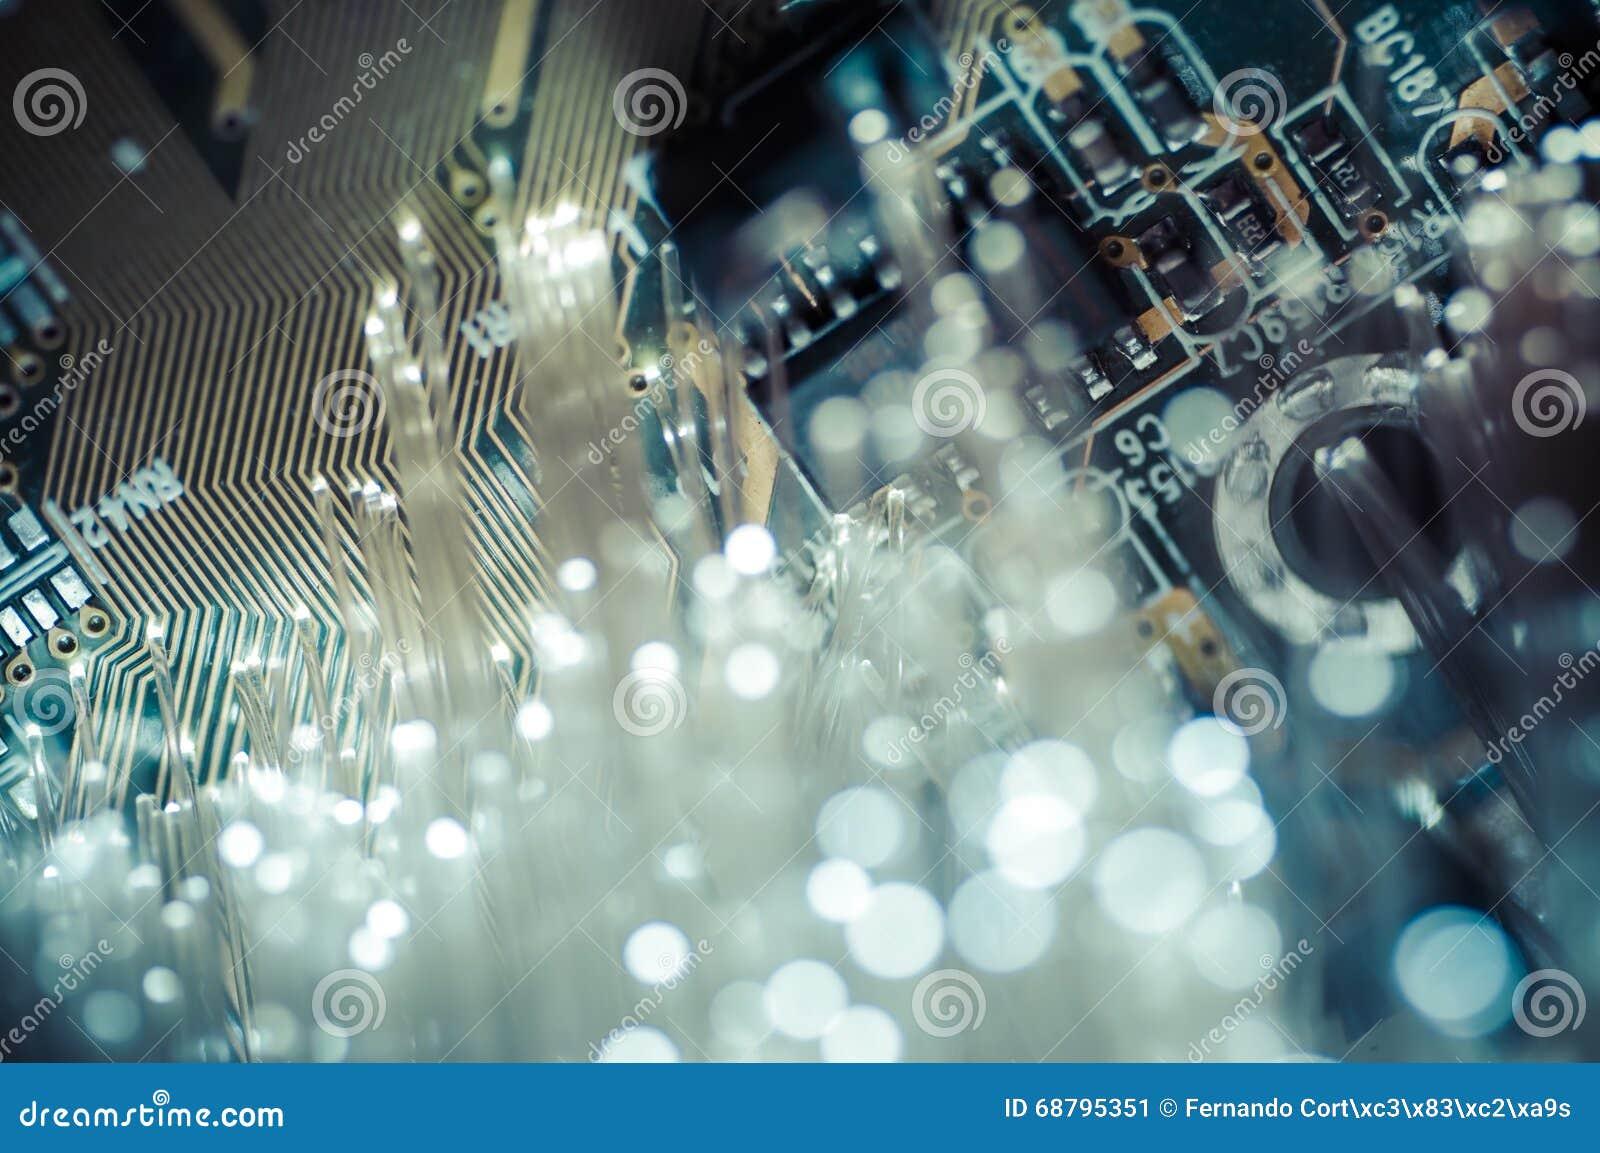 συνδετικότητα Καλώδια οπτικών ινών, σύνδεση ινών, telecomunicat